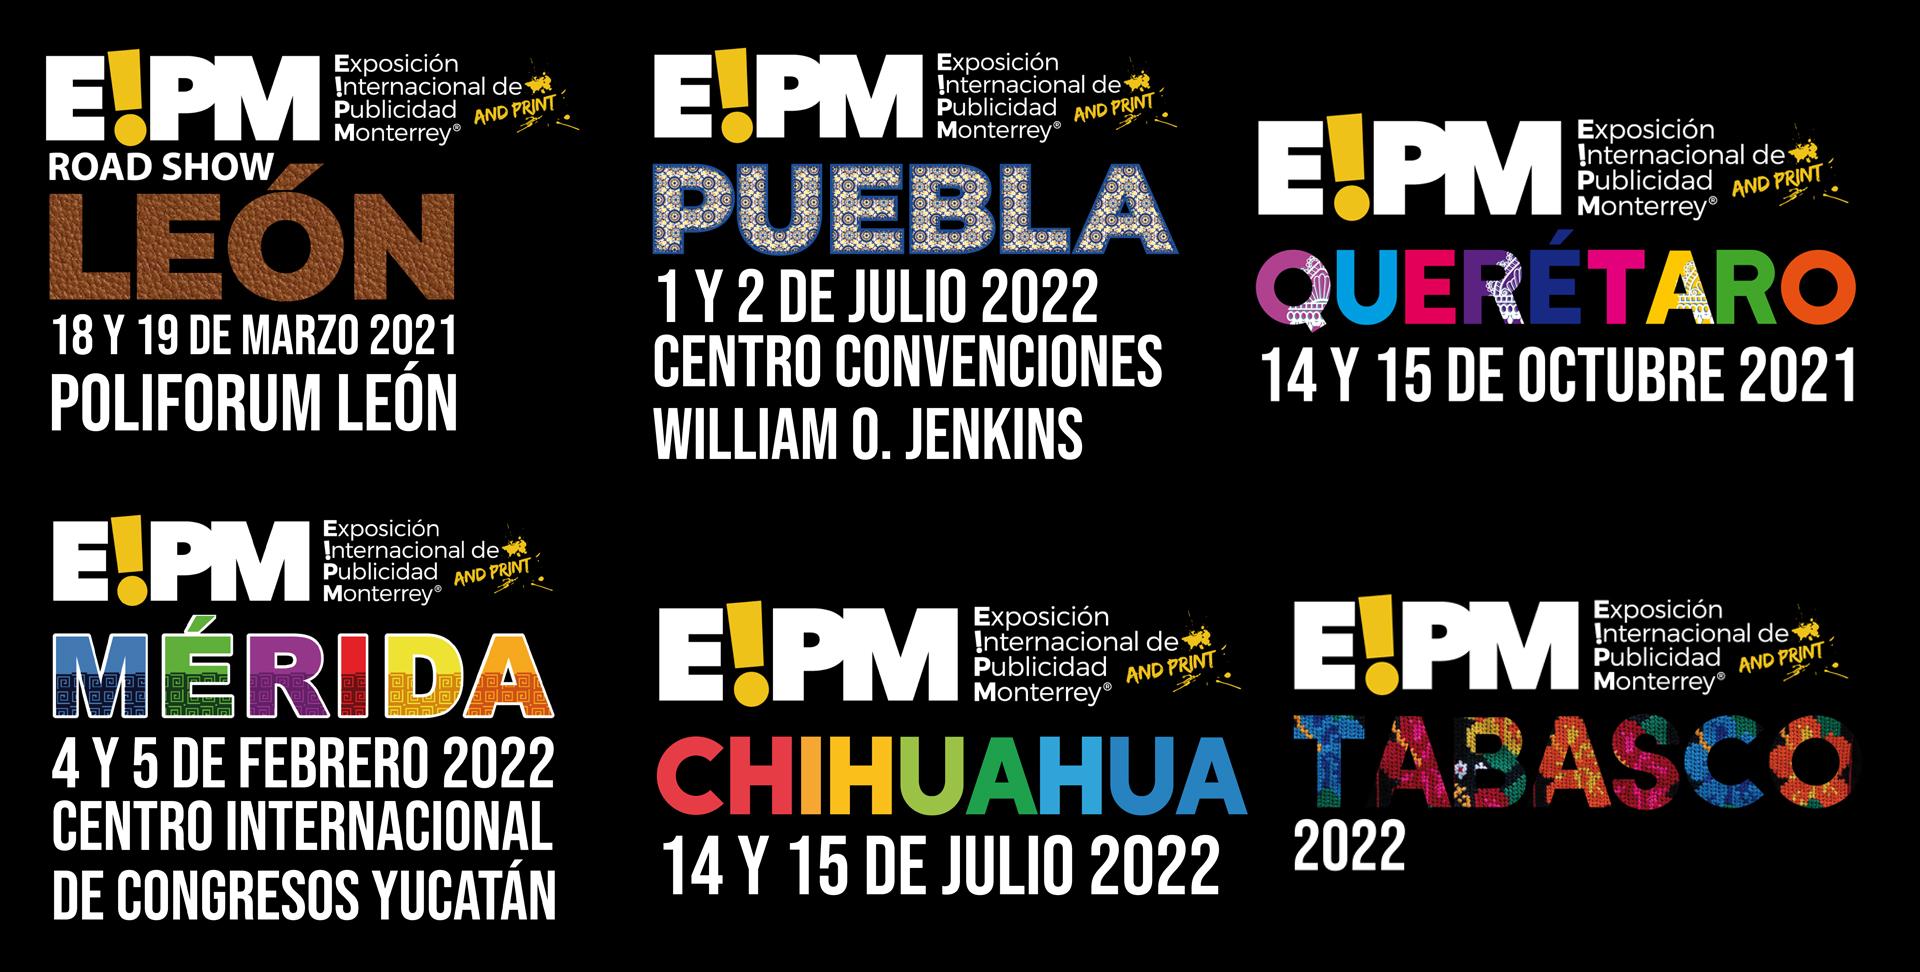 todos-los-logos-EXPO-PUBLI